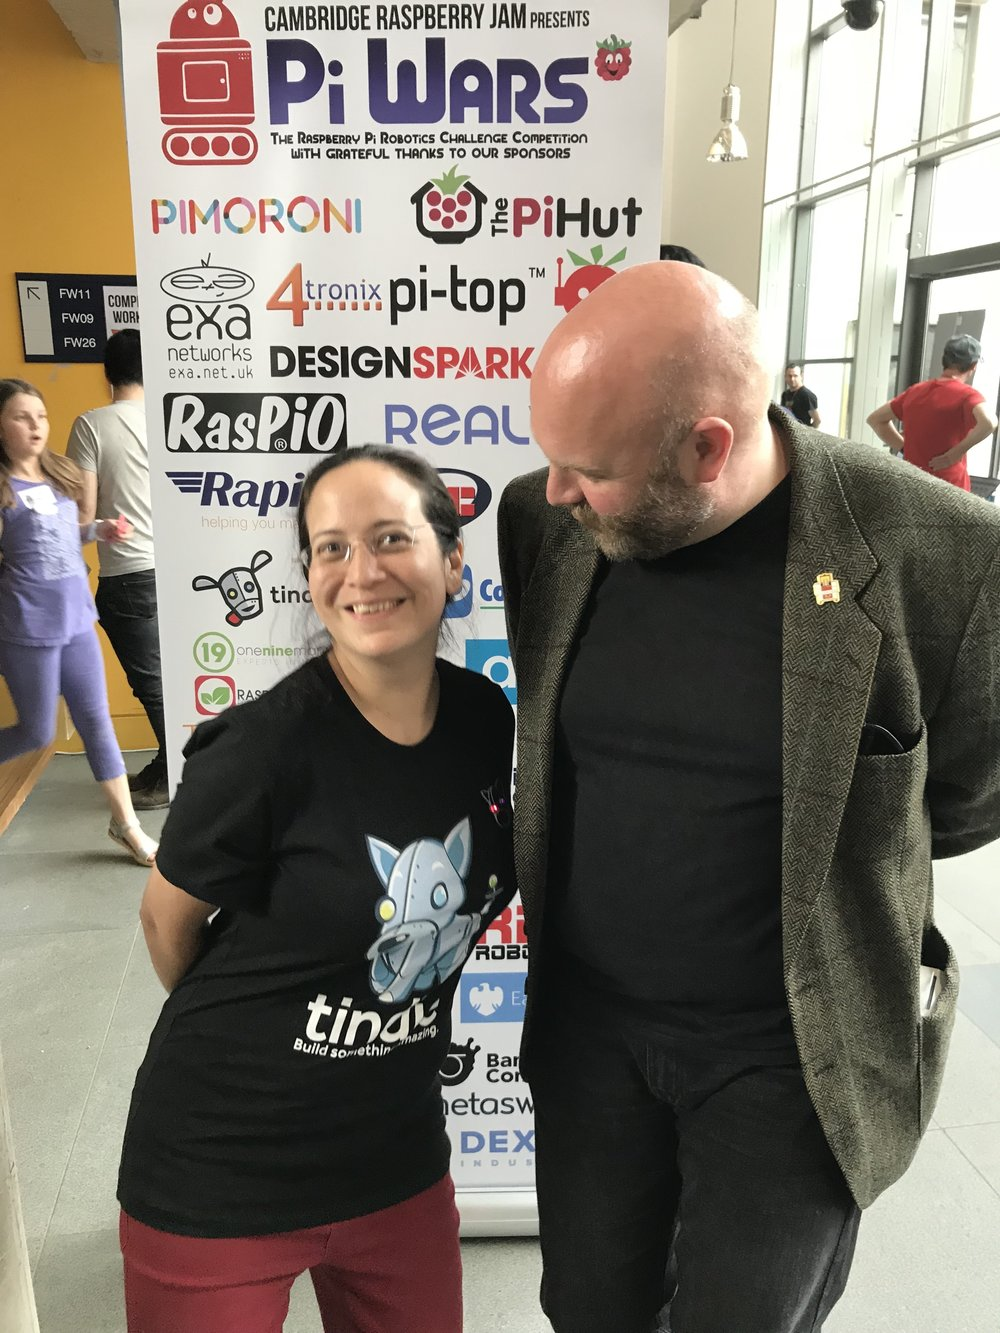 Jasmin & Dominic at Pi Wars